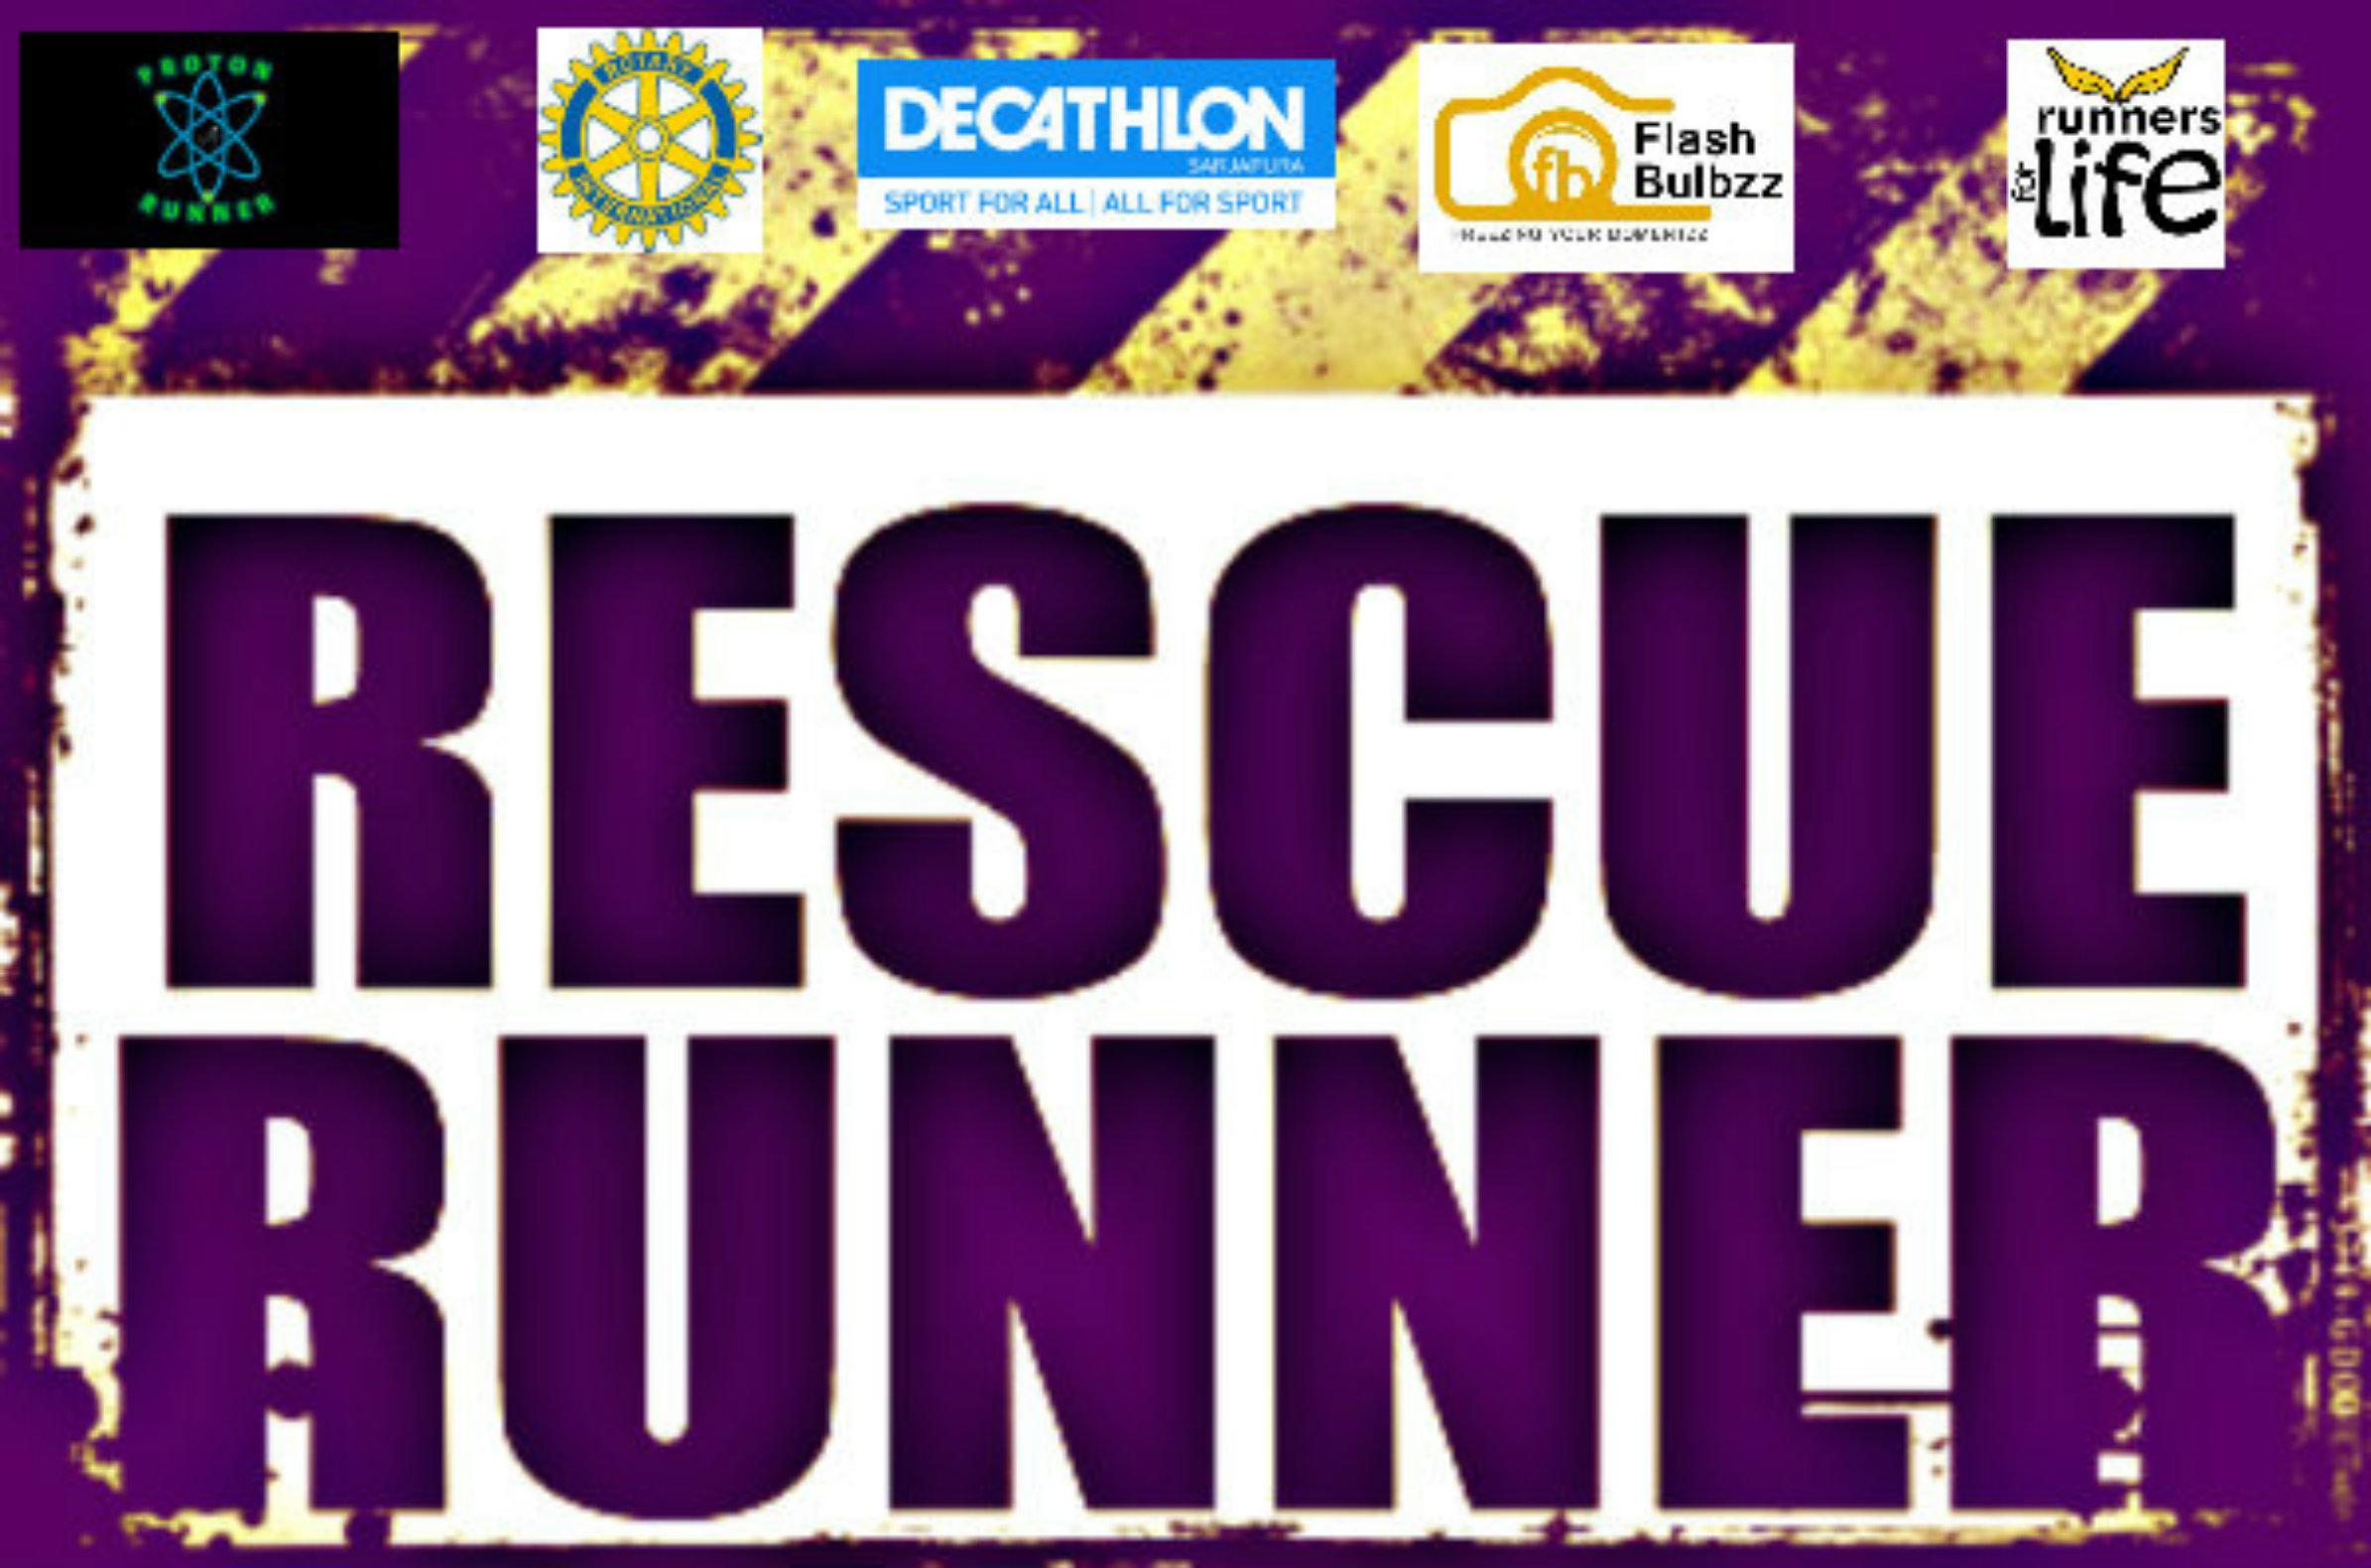 rescuerunnerfinal